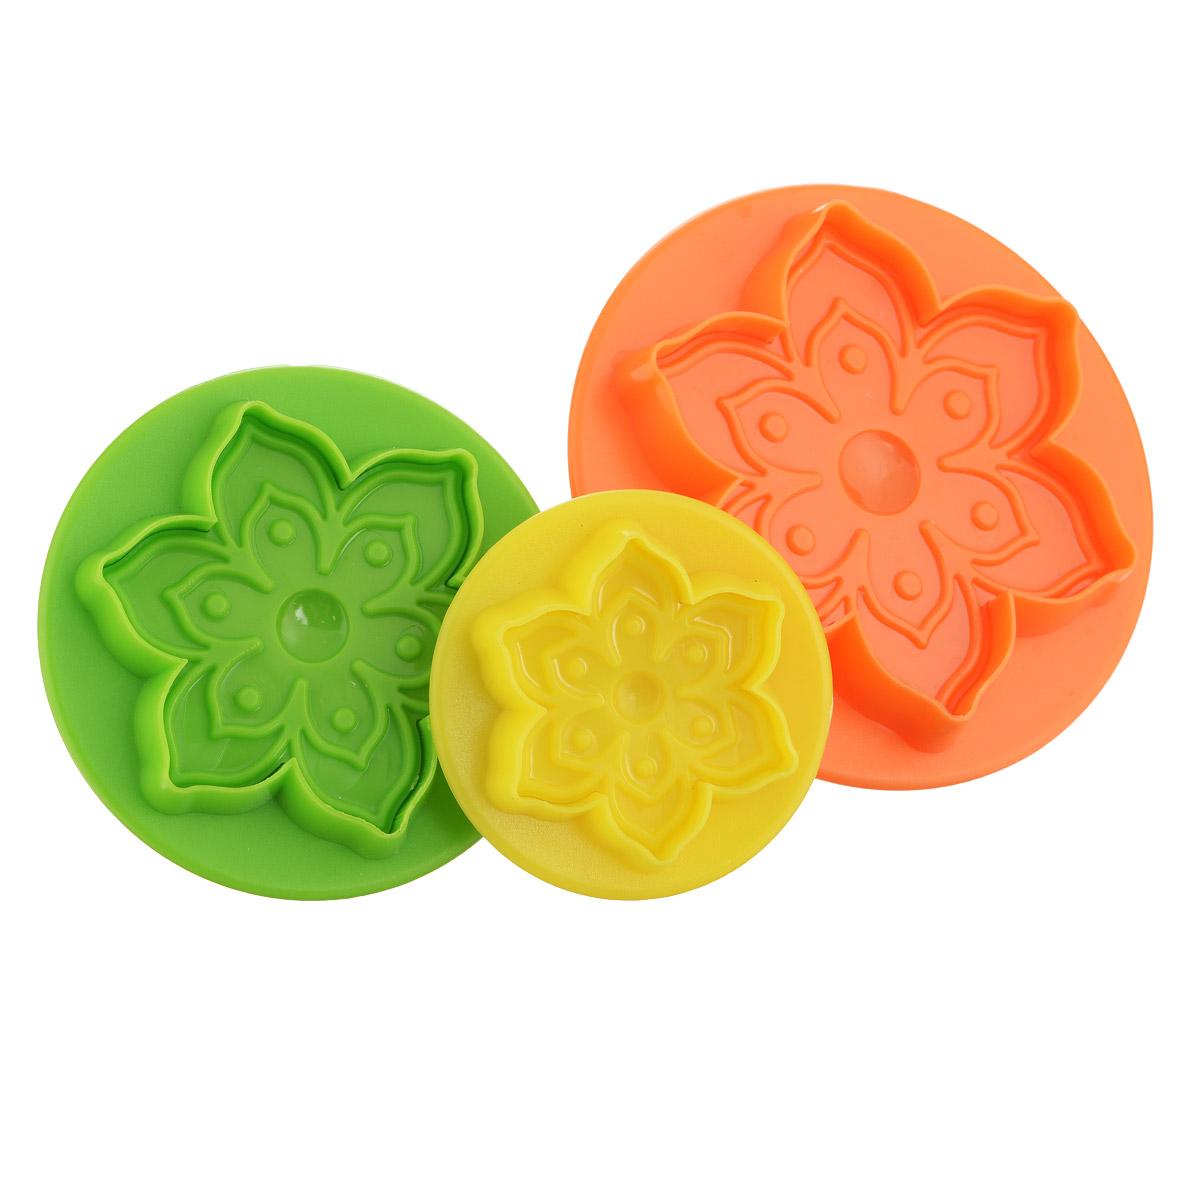 Набор форм для печенья Mayer & Boch Цветок, цвет: зеленый, оранжевый, желтый, 3 шт68/5/4Набор Mayer & Boch Цветок состоит из трех формочек, выполненных из разноцветного пластика. Изделия имеют форму цветов, оснащены удобными ручками. Раскатайте тесто, возьмите форму, надавите ею на тесто (как будто ставите печать) и у вас получится красивая вырезка в виде цветочка. Такой набор формочек позволит приготовить печенье по вашему любимому рецепту, но в необычном оформлении, которое обязательно придется по душе и детям, и взрослым.Диаметр форм: 8 см, 7 см, 5 см.